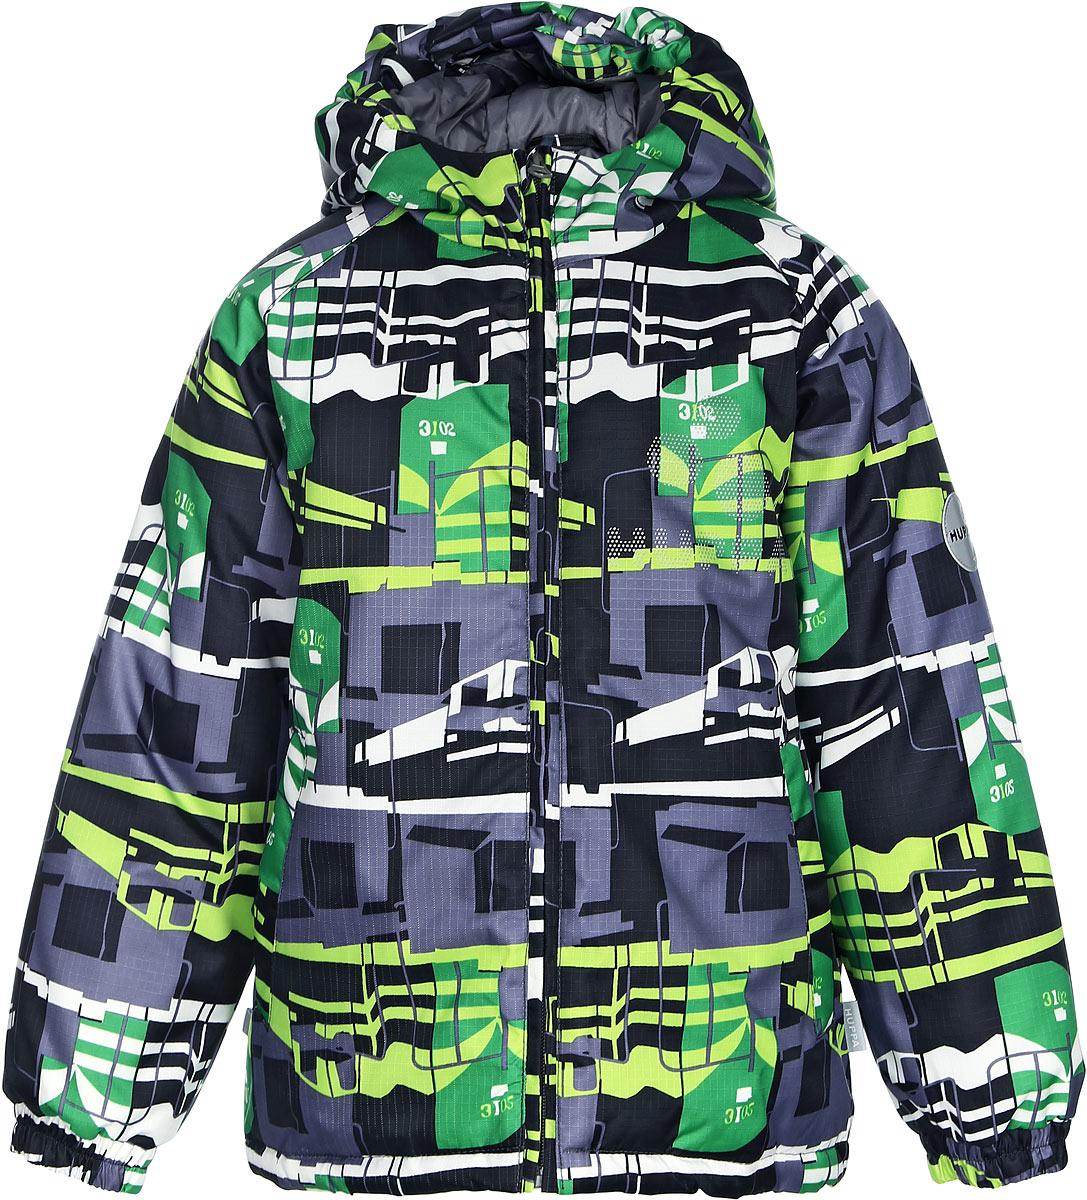 Куртка детская Huppa Classy, цвет: темно-серый. 17710030-818. Размер 10417710030-818Детская куртка Huppa изготовлена из водонепроницаемого полиэстера. Куртка с капюшоном застегивается на пластиковую застежку-молнию с защитой подбородка. Края капюшона и рукавов собраны на внутренние резинки. У модели имеются два врезных кармана. Изделие дополнено светоотражающими элементами.